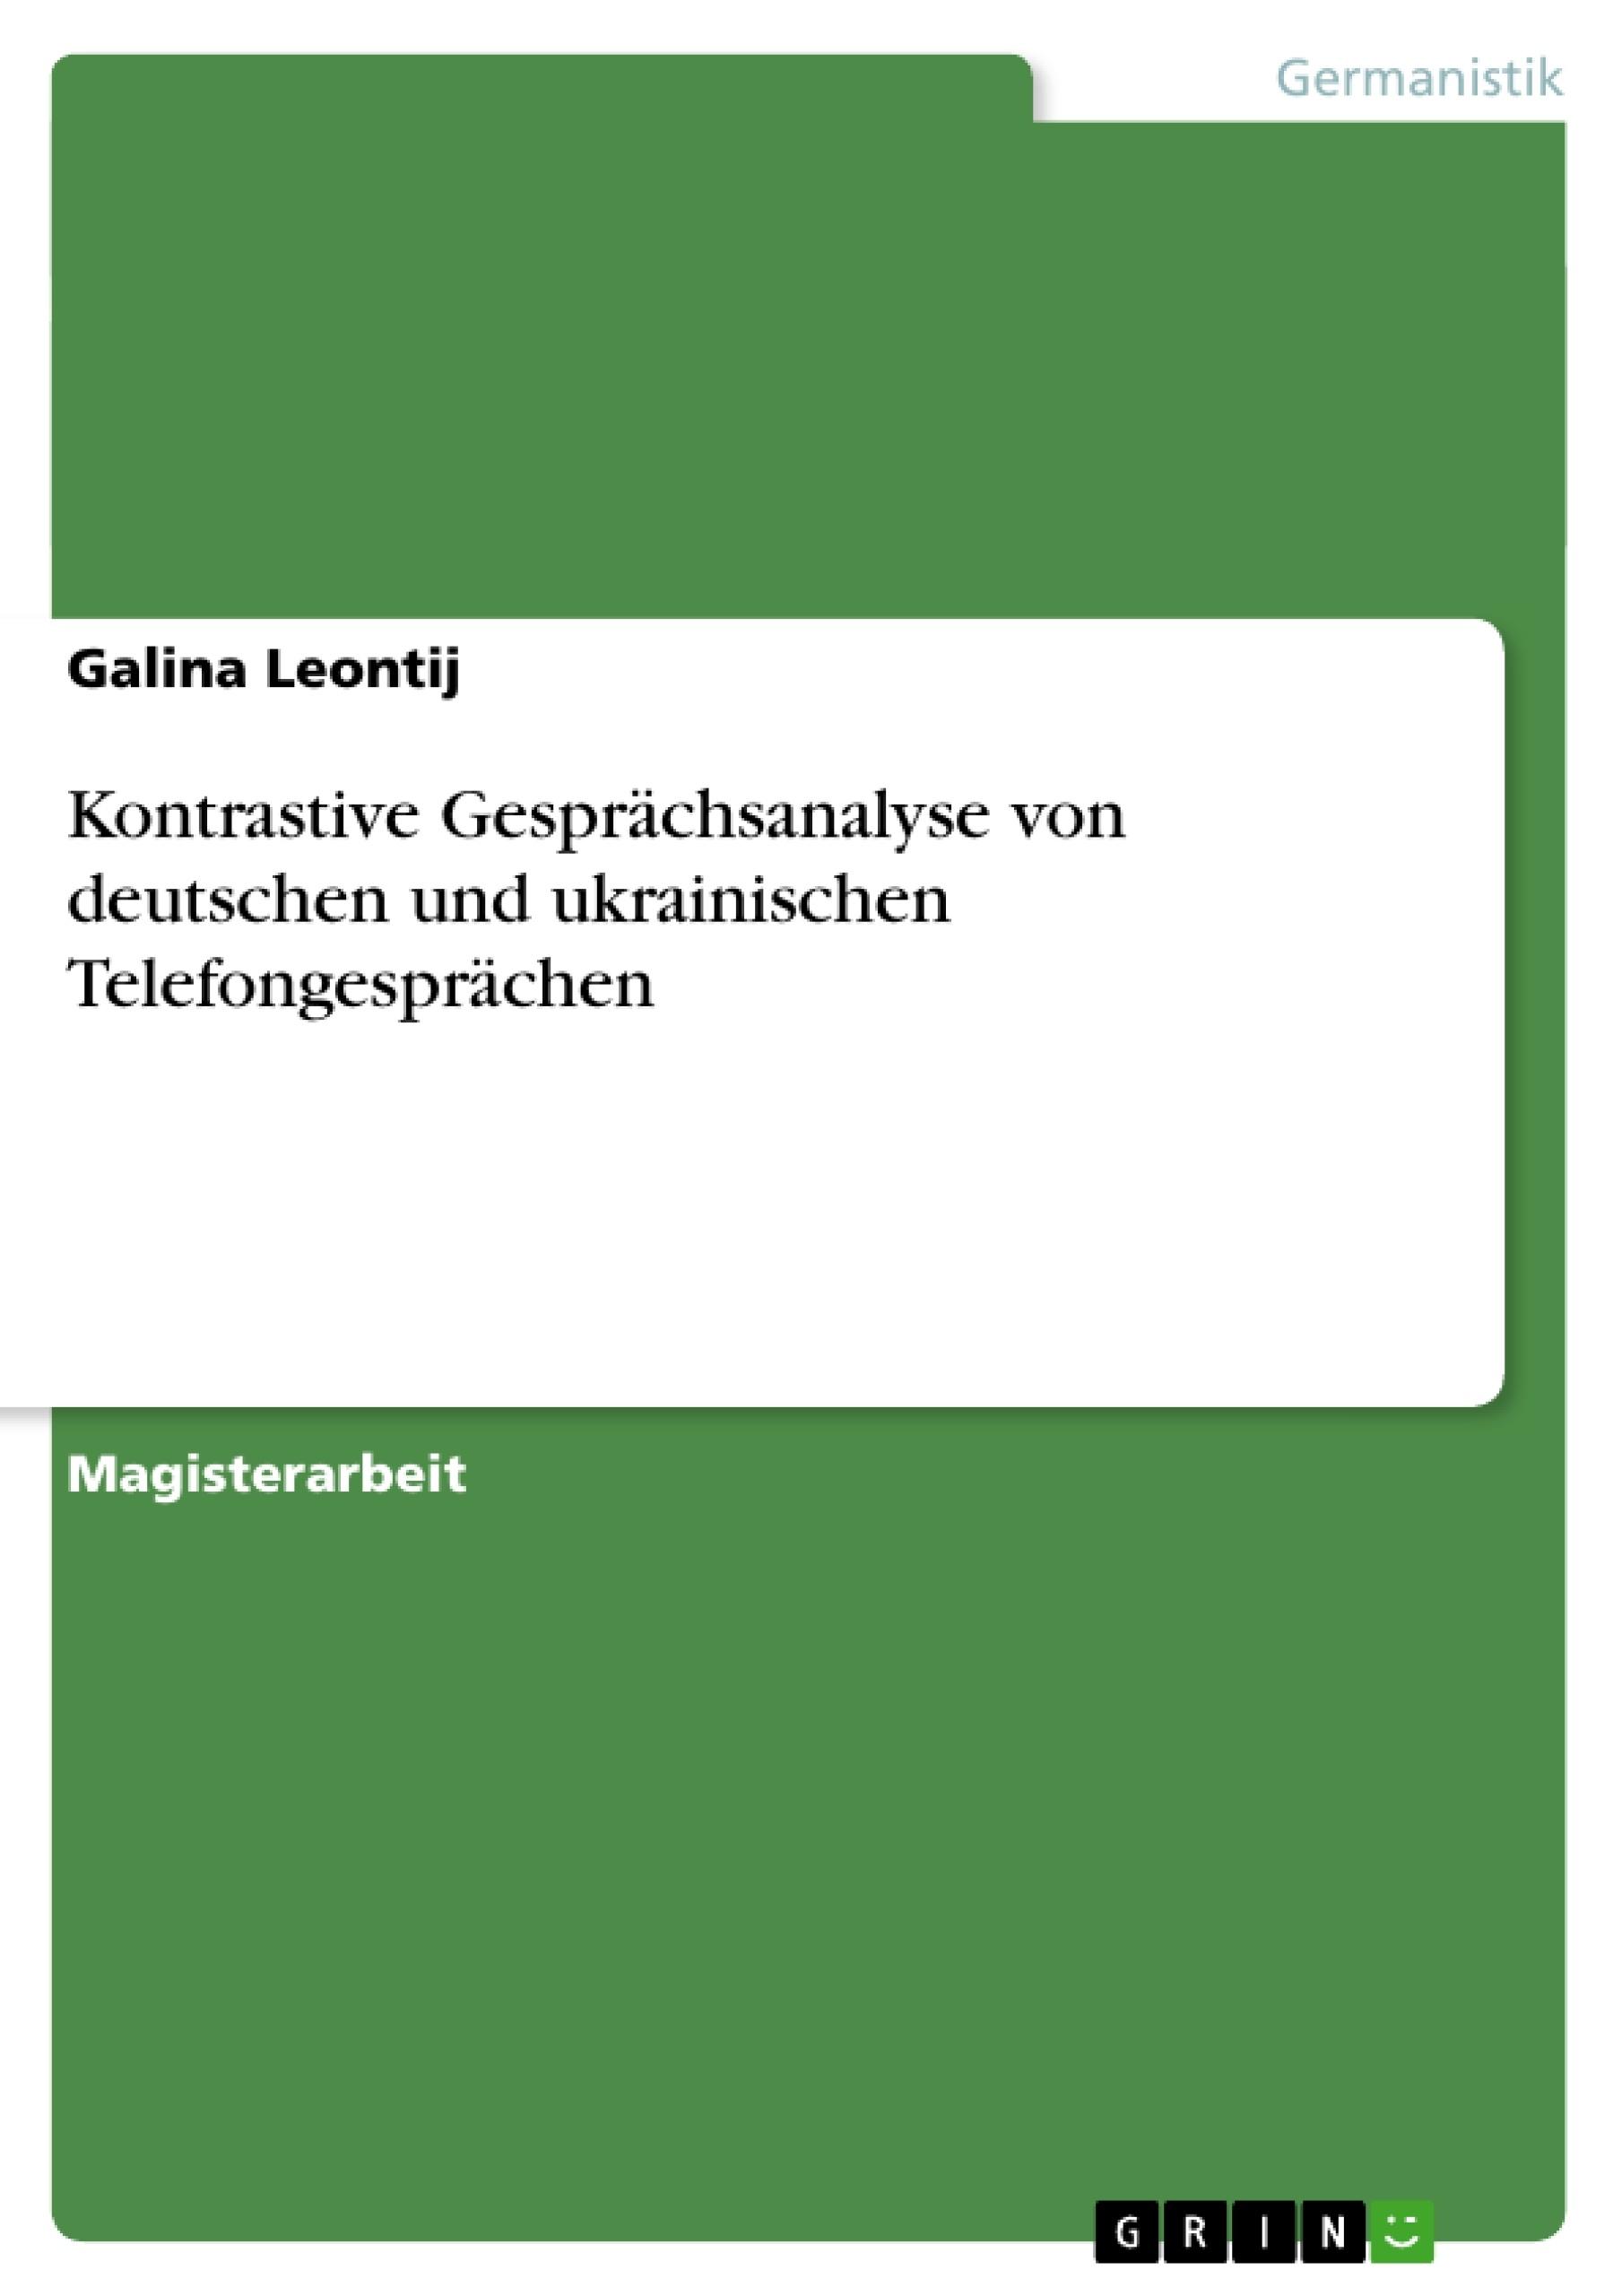 Titel: Kontrastive Gesprächsanalyse von deutschen und ukrainischen Telefongesprächen